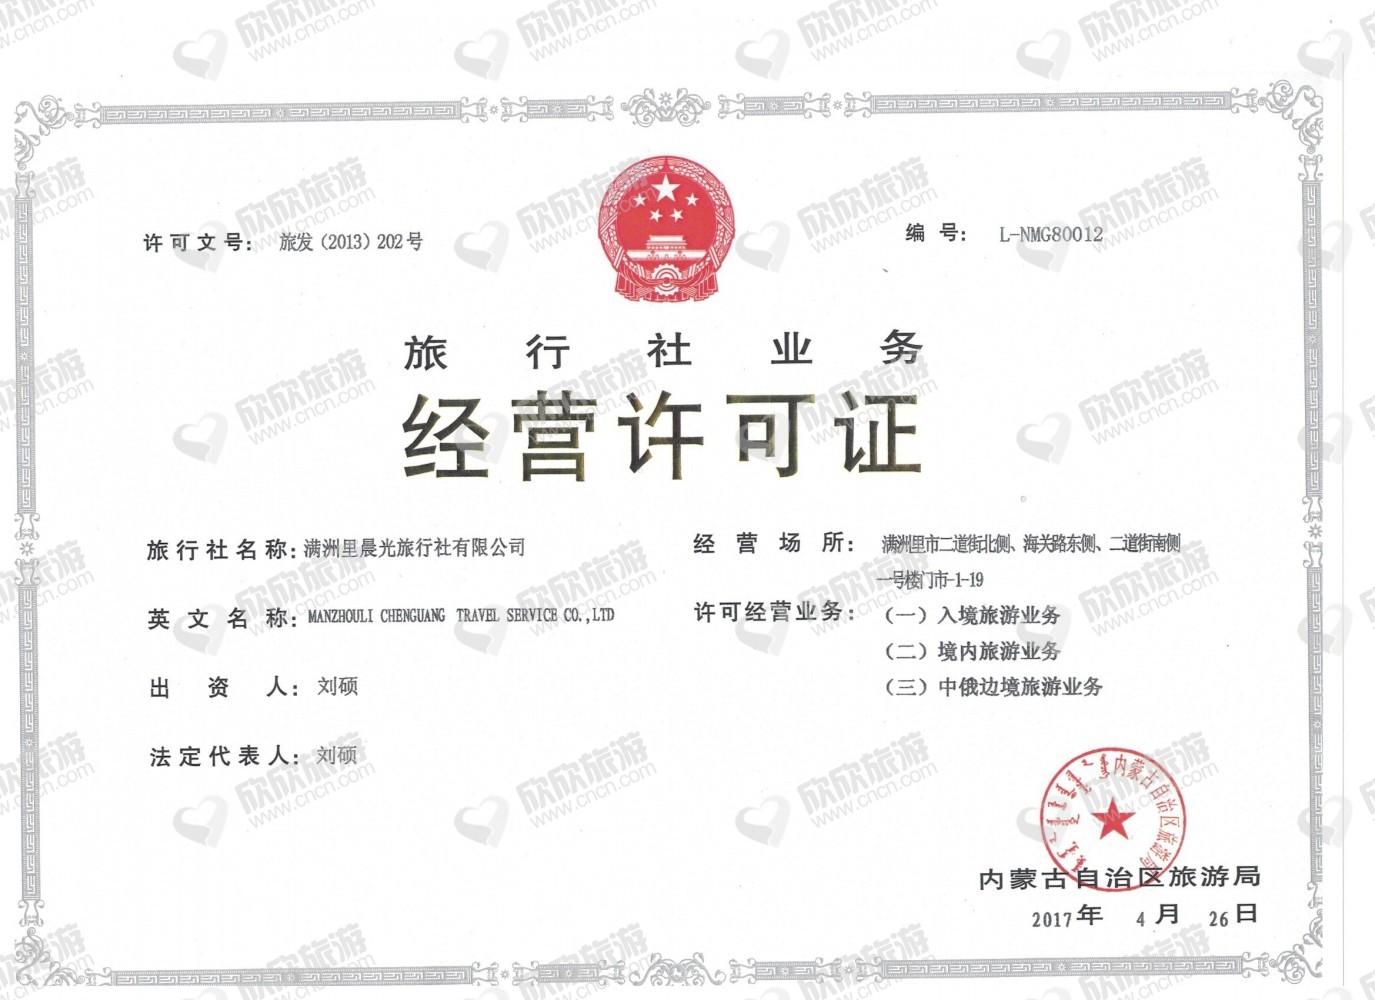 满洲里晨光旅行社有限公司经营许可证